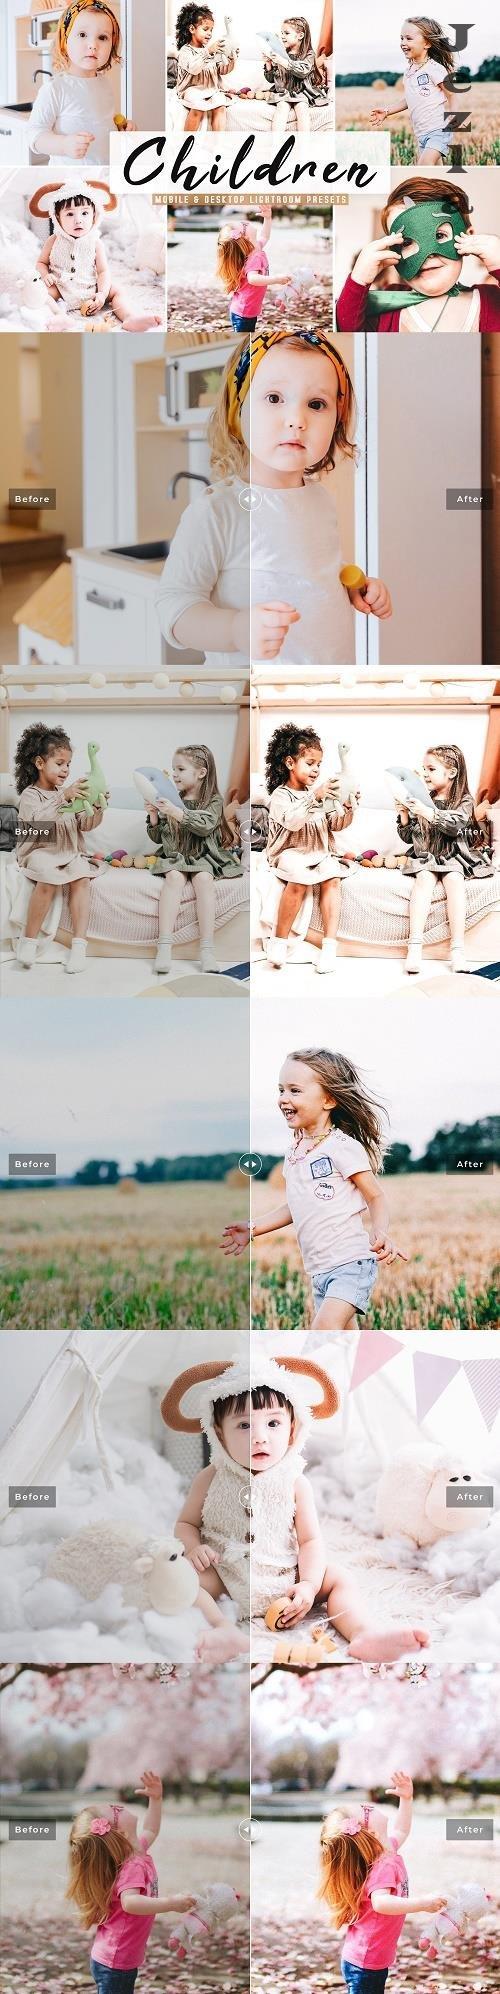 Children LRM Presets Pack - 4772858 - Mobile & Desktop